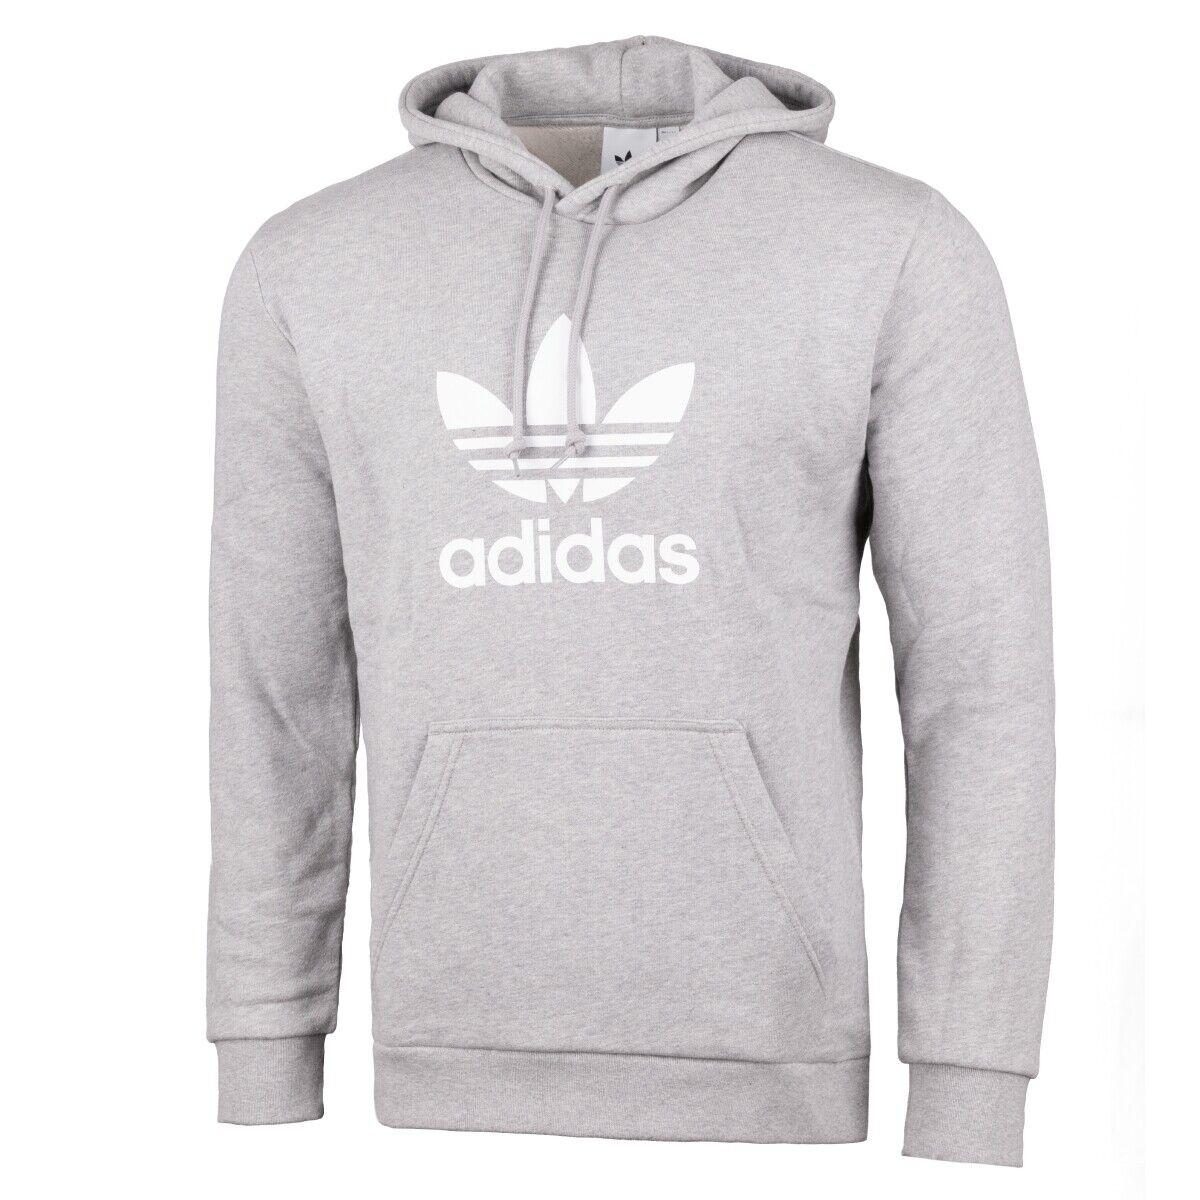 Adidas Trefoil Uomo Felpa con Cappuccio Originals Pullover Grigio Dt7963 Dt7963 Dt7963 33602f